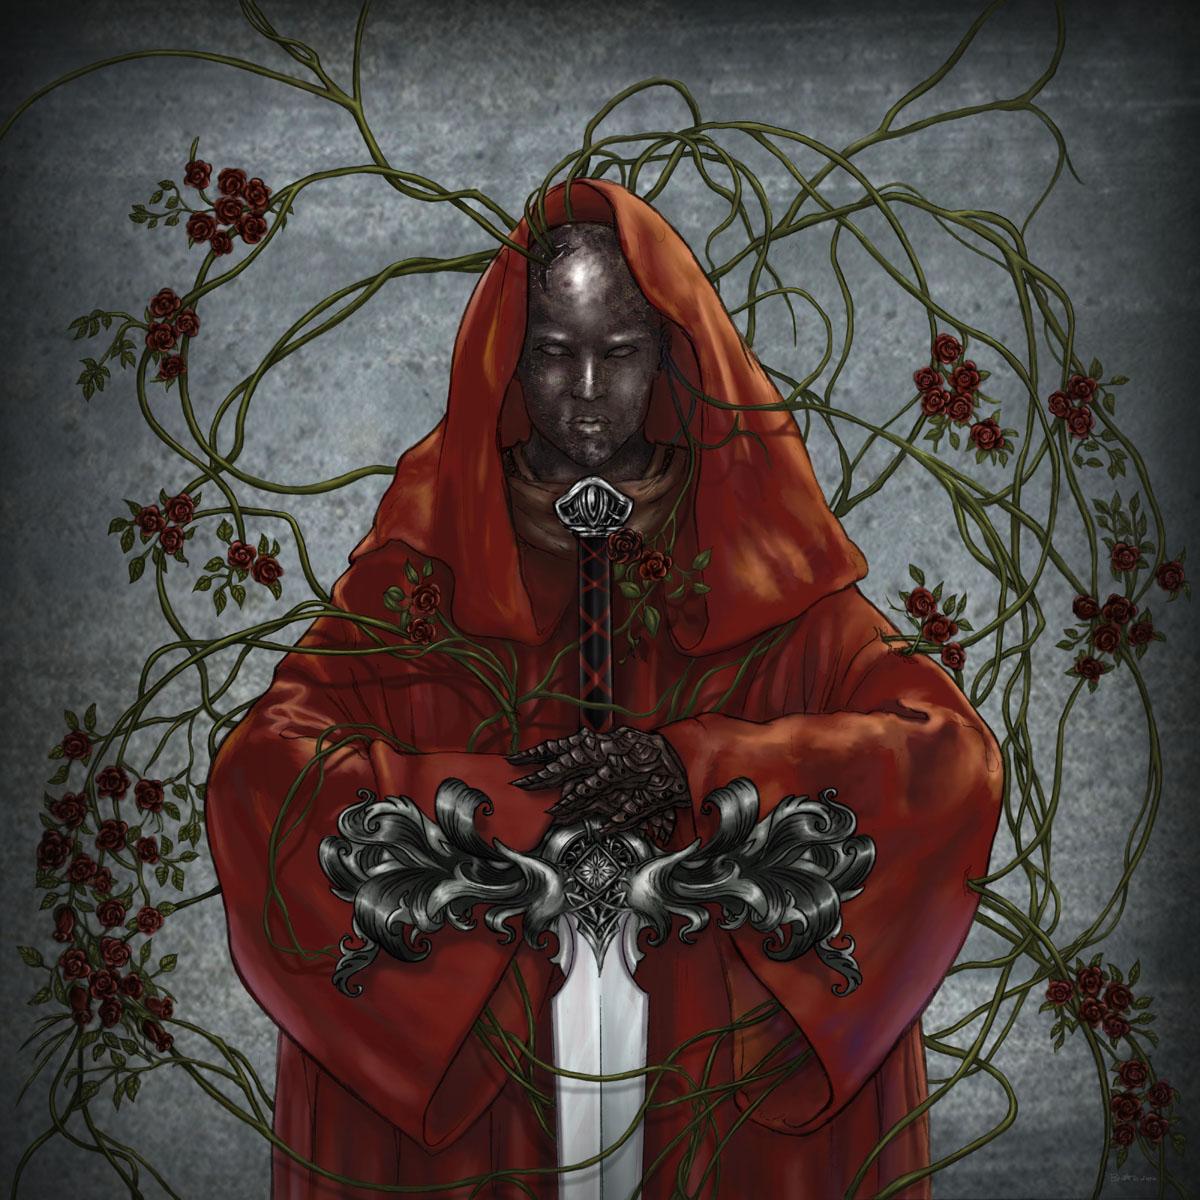 Crimson Saint - CD cover art